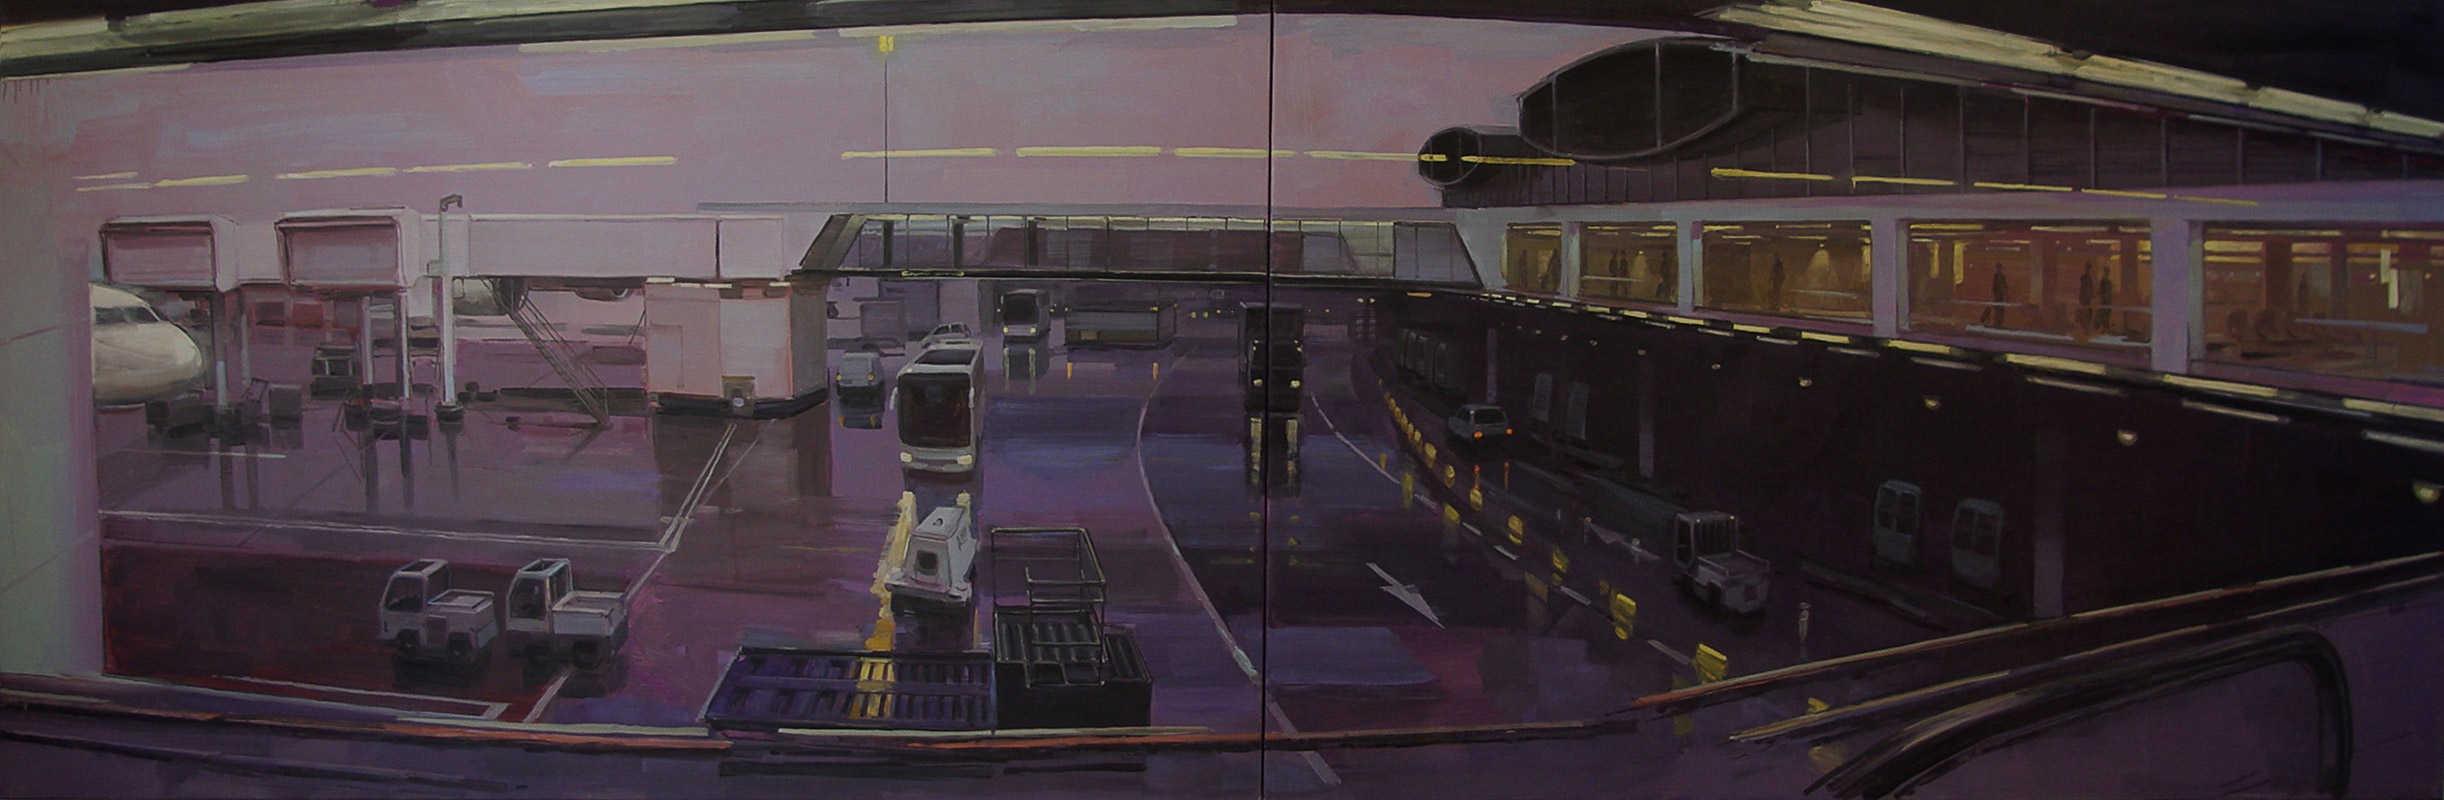 Tarmac. Huile sur toile, 97 x 260 cm, 2007-2008